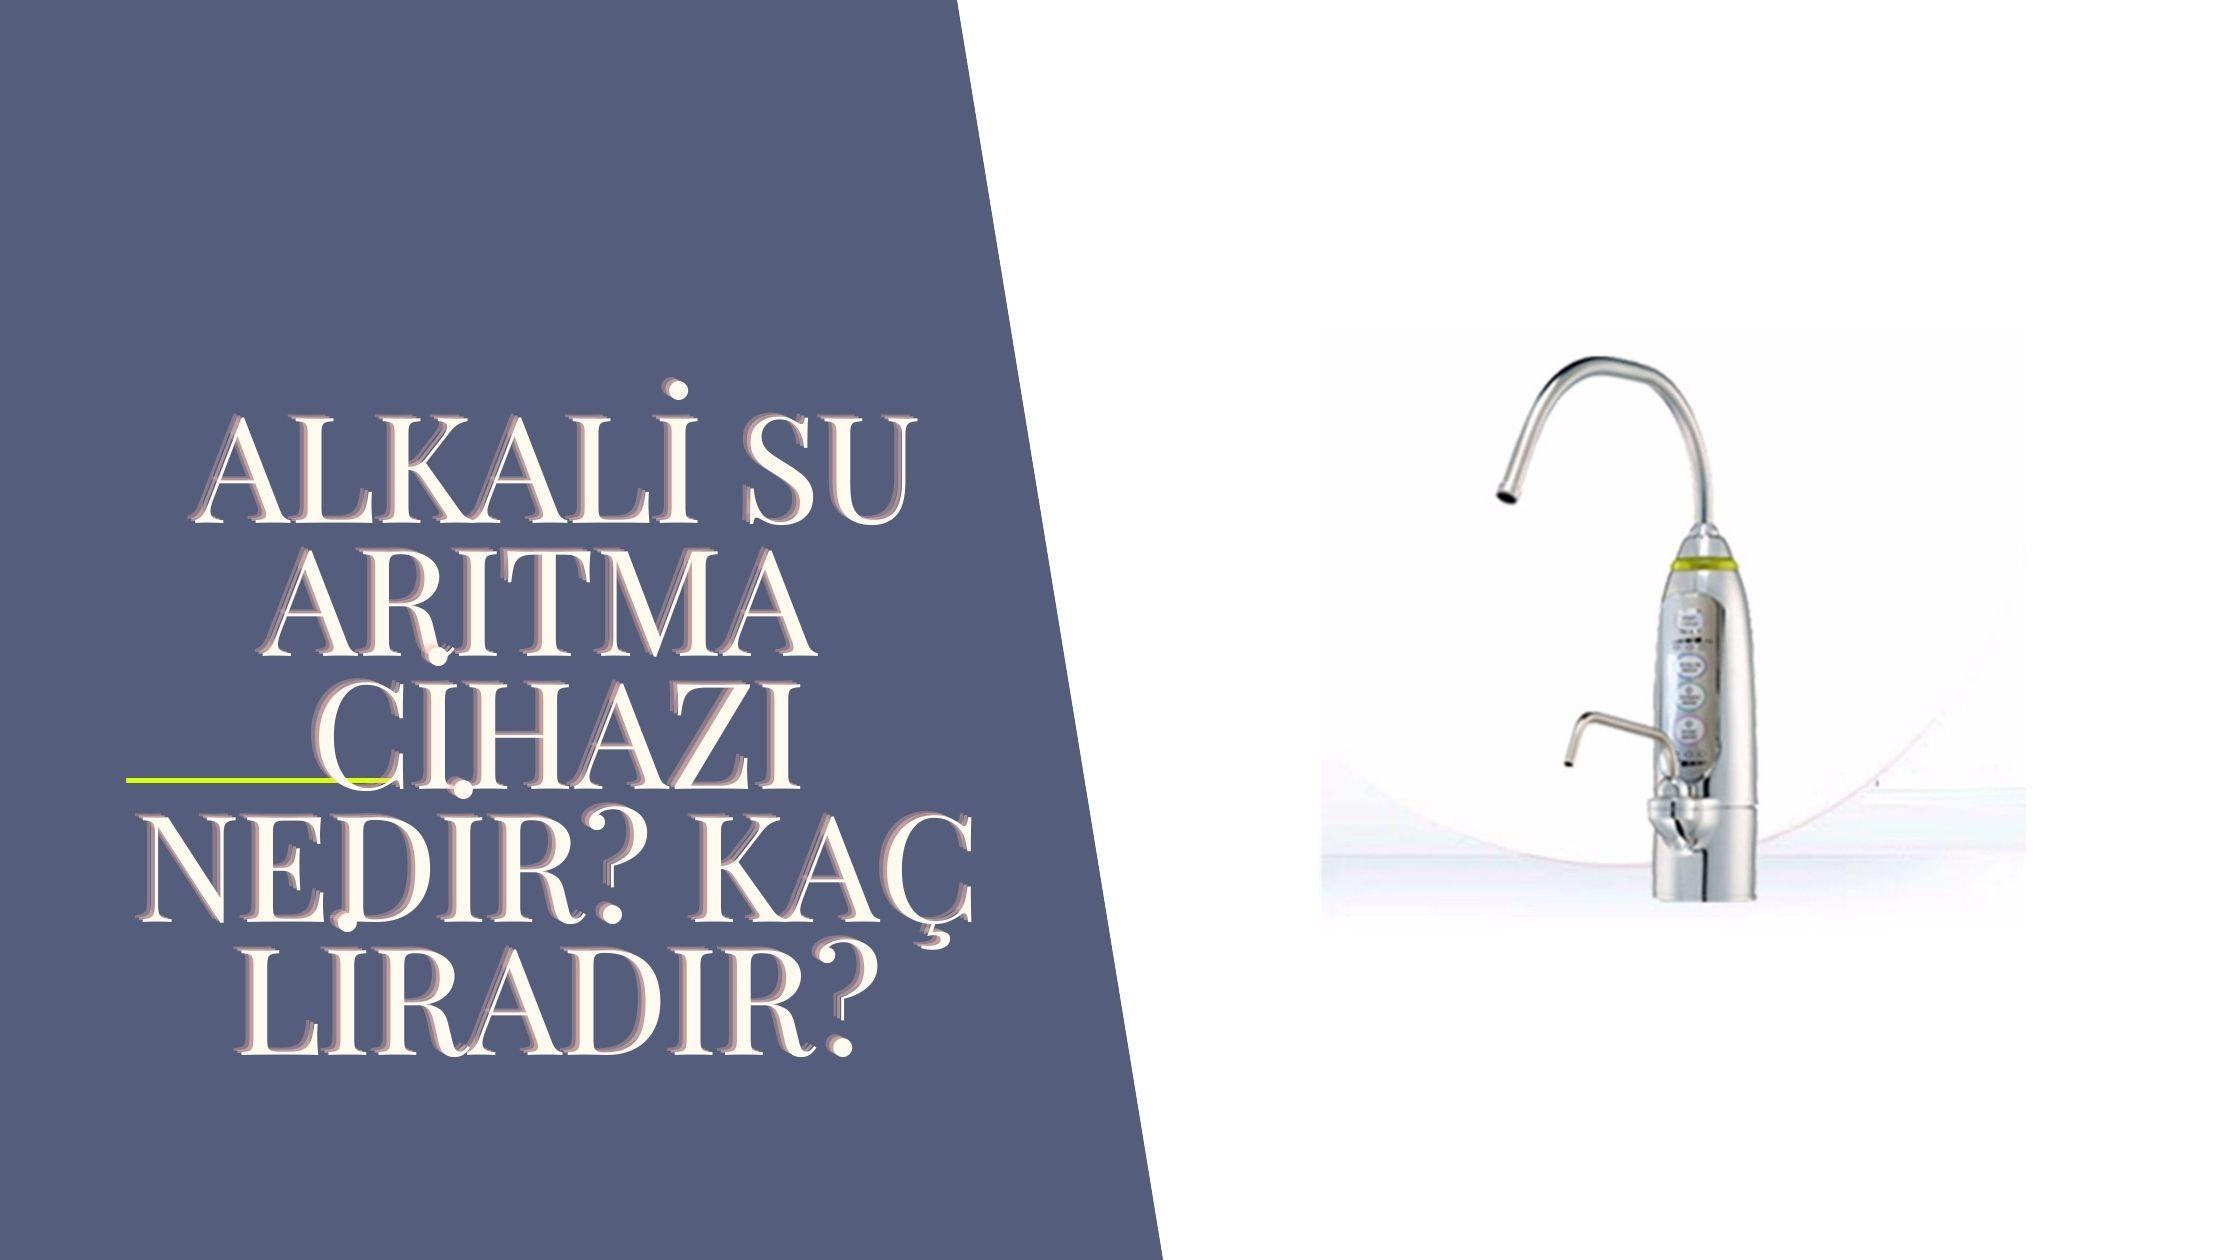 Alkali su arıtma Cihazı nedir? Fiyatları ne kadar? Yorumları olumlu mu?